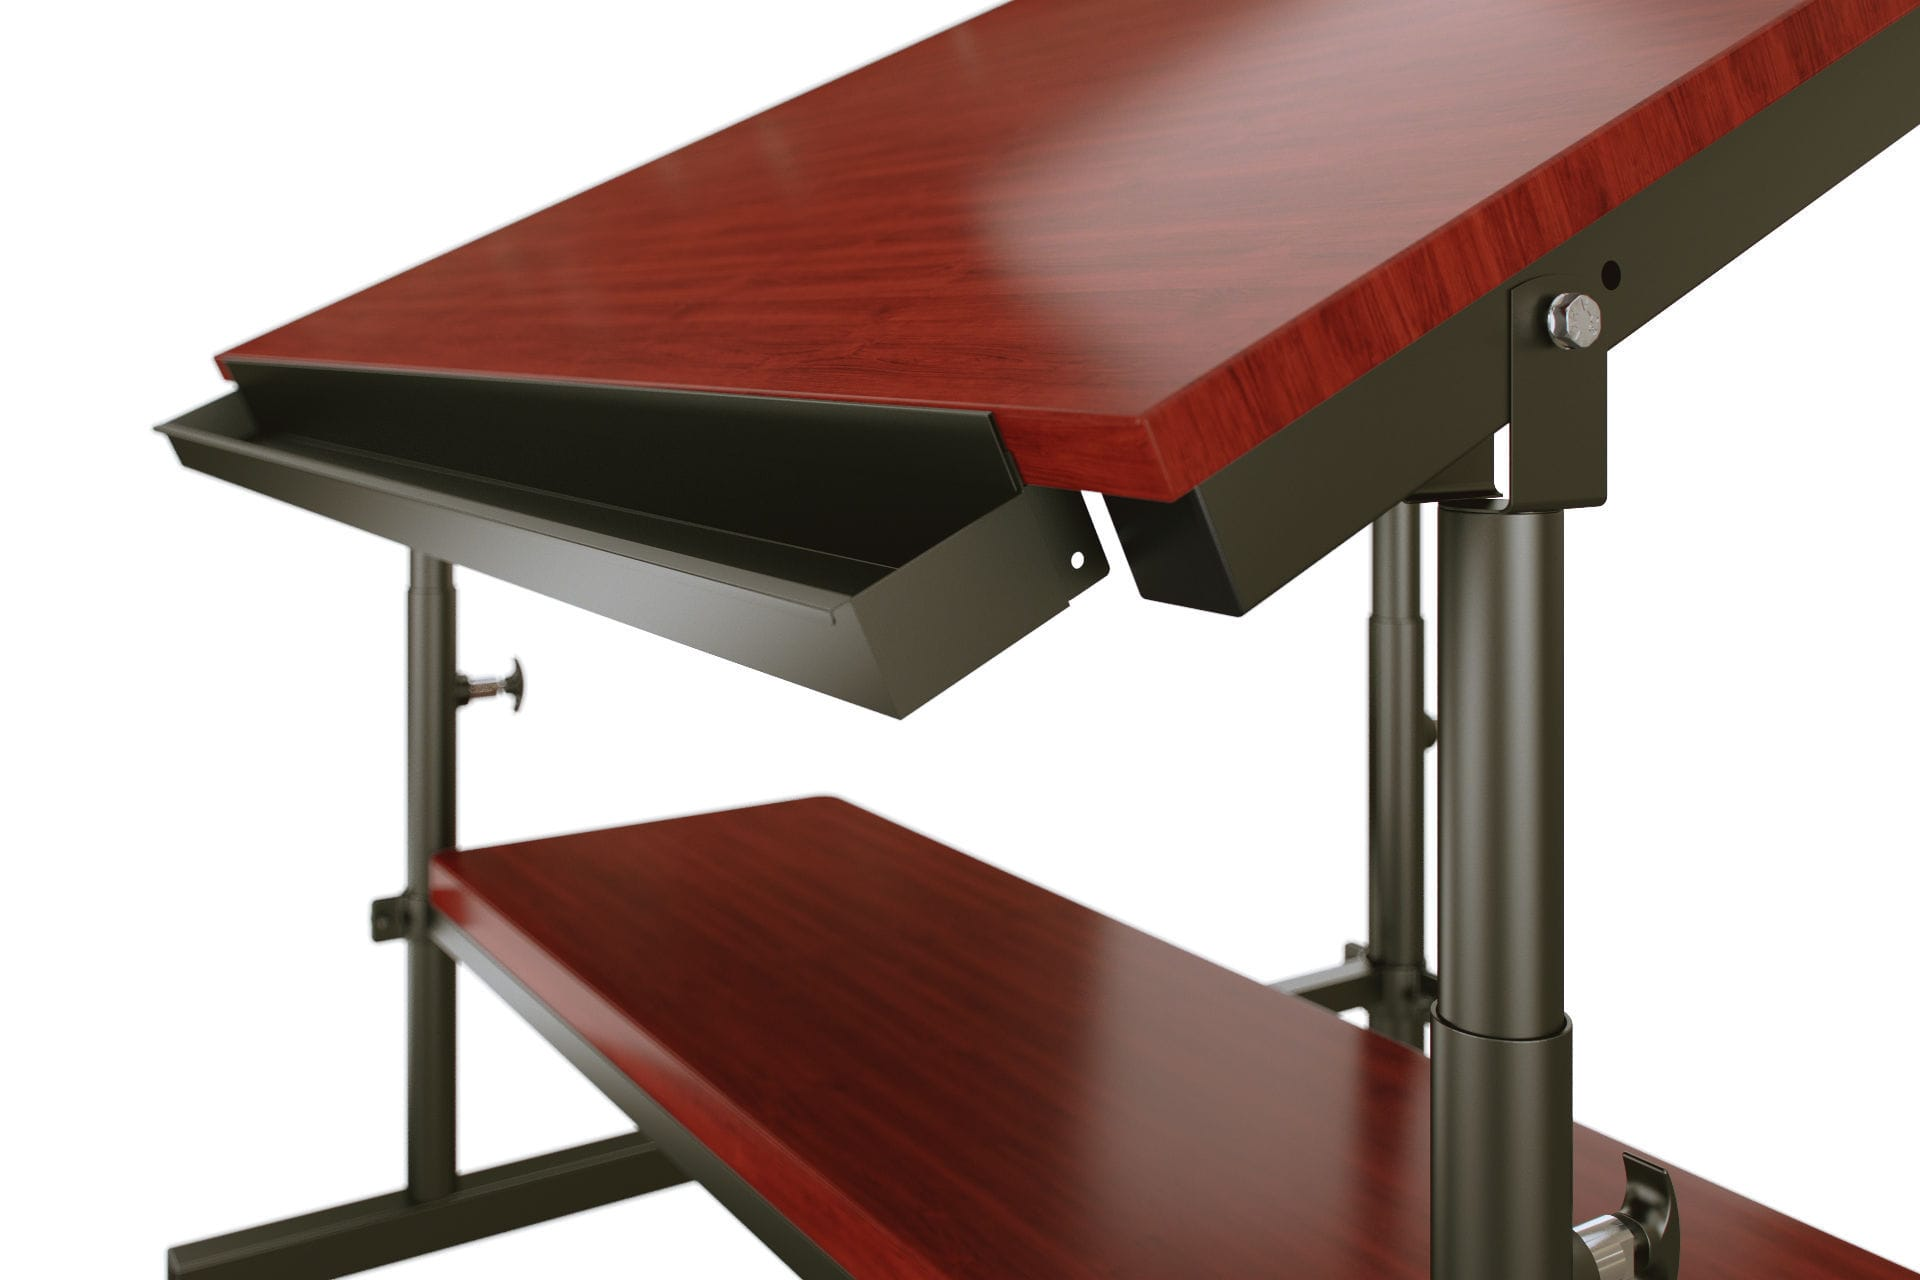 Scrivania Da Disegno : Tavolo da disegno moderno in laminato rettangolare contract